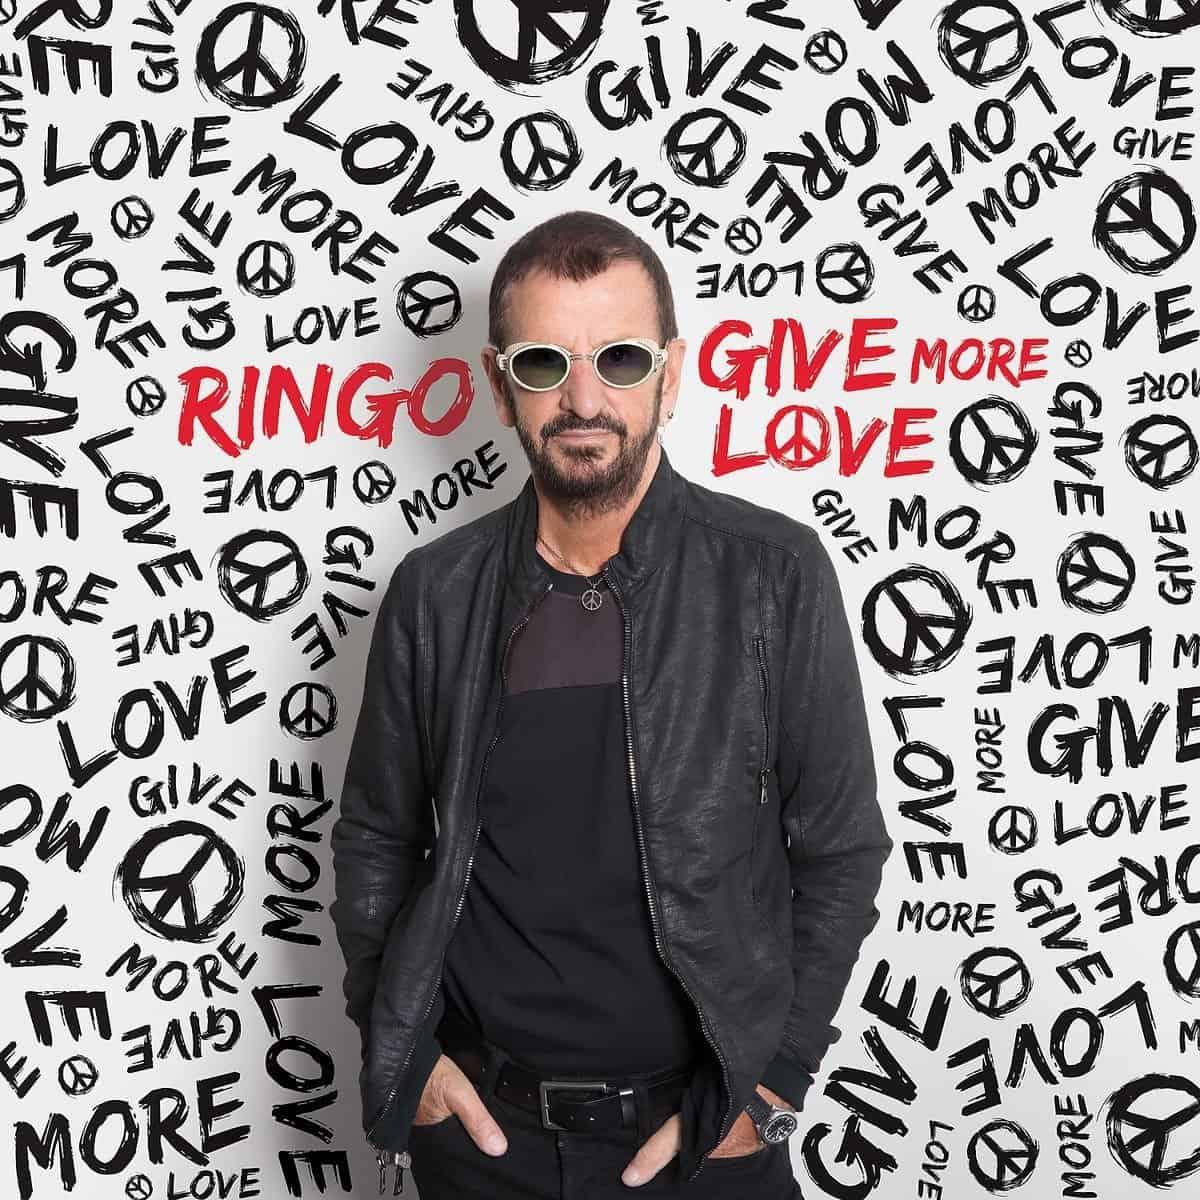 Colin Joins Ringo Starr on 2018 European Tour